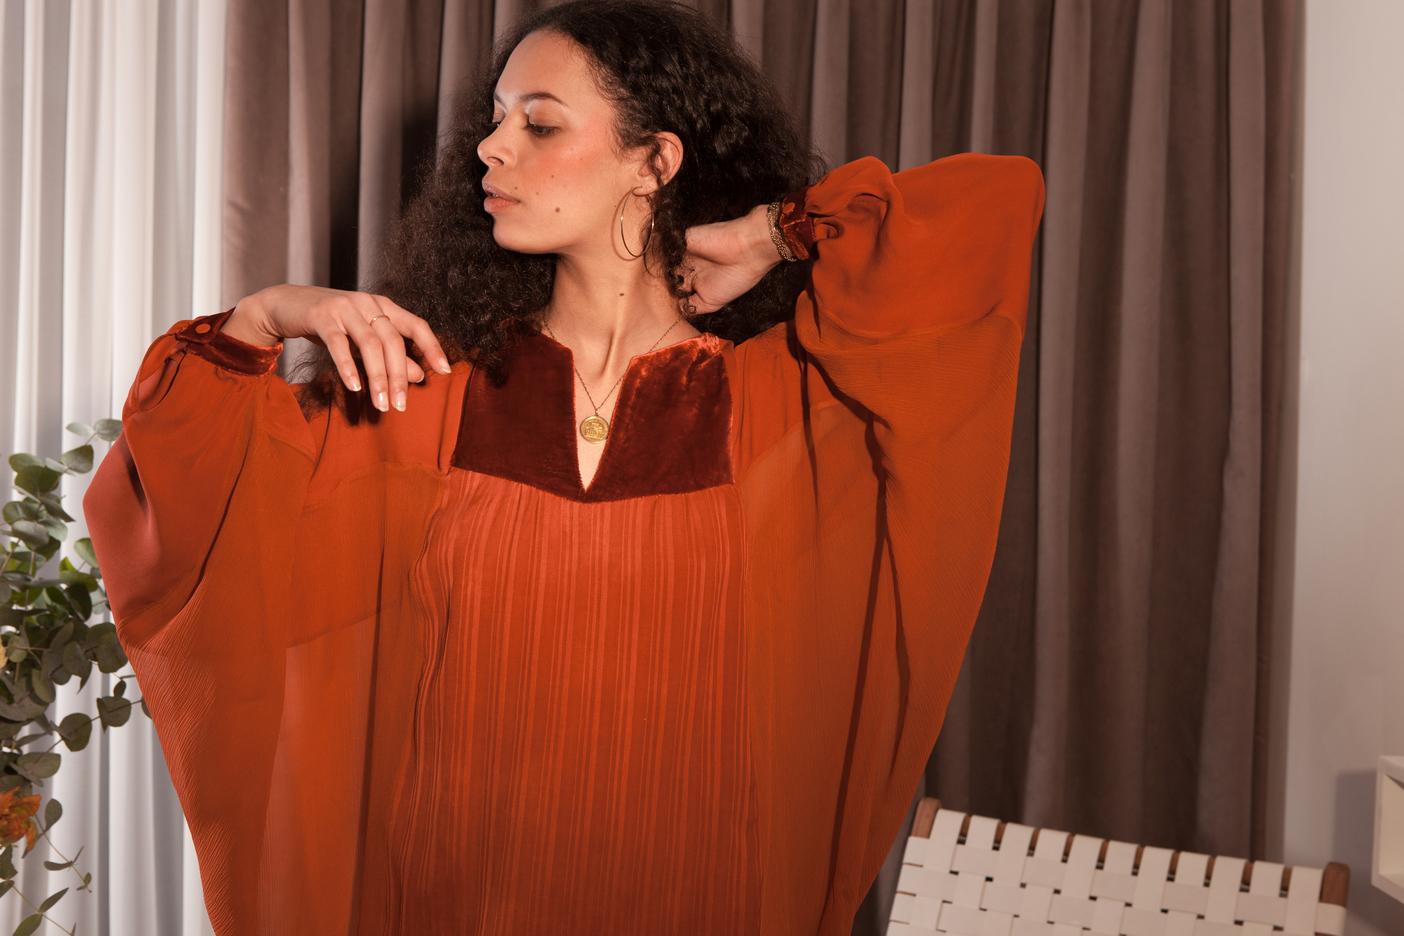 Katarina Dress Edit 7.jpg